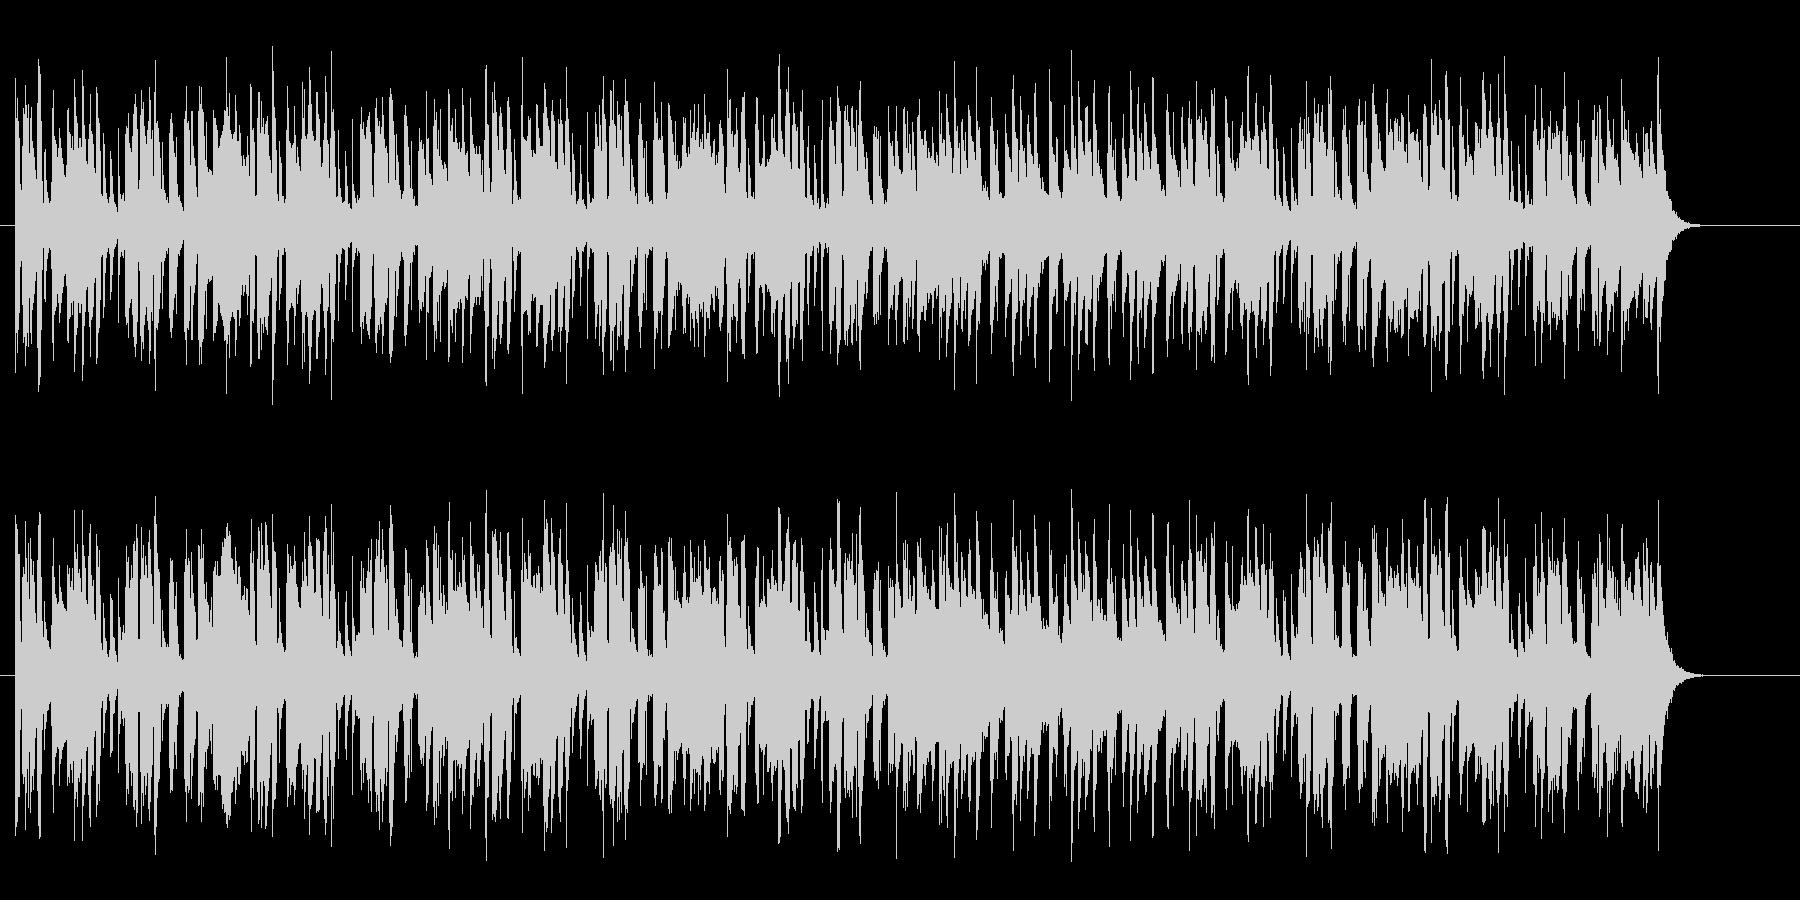 南国カリブのほのぼのミュージックの未再生の波形